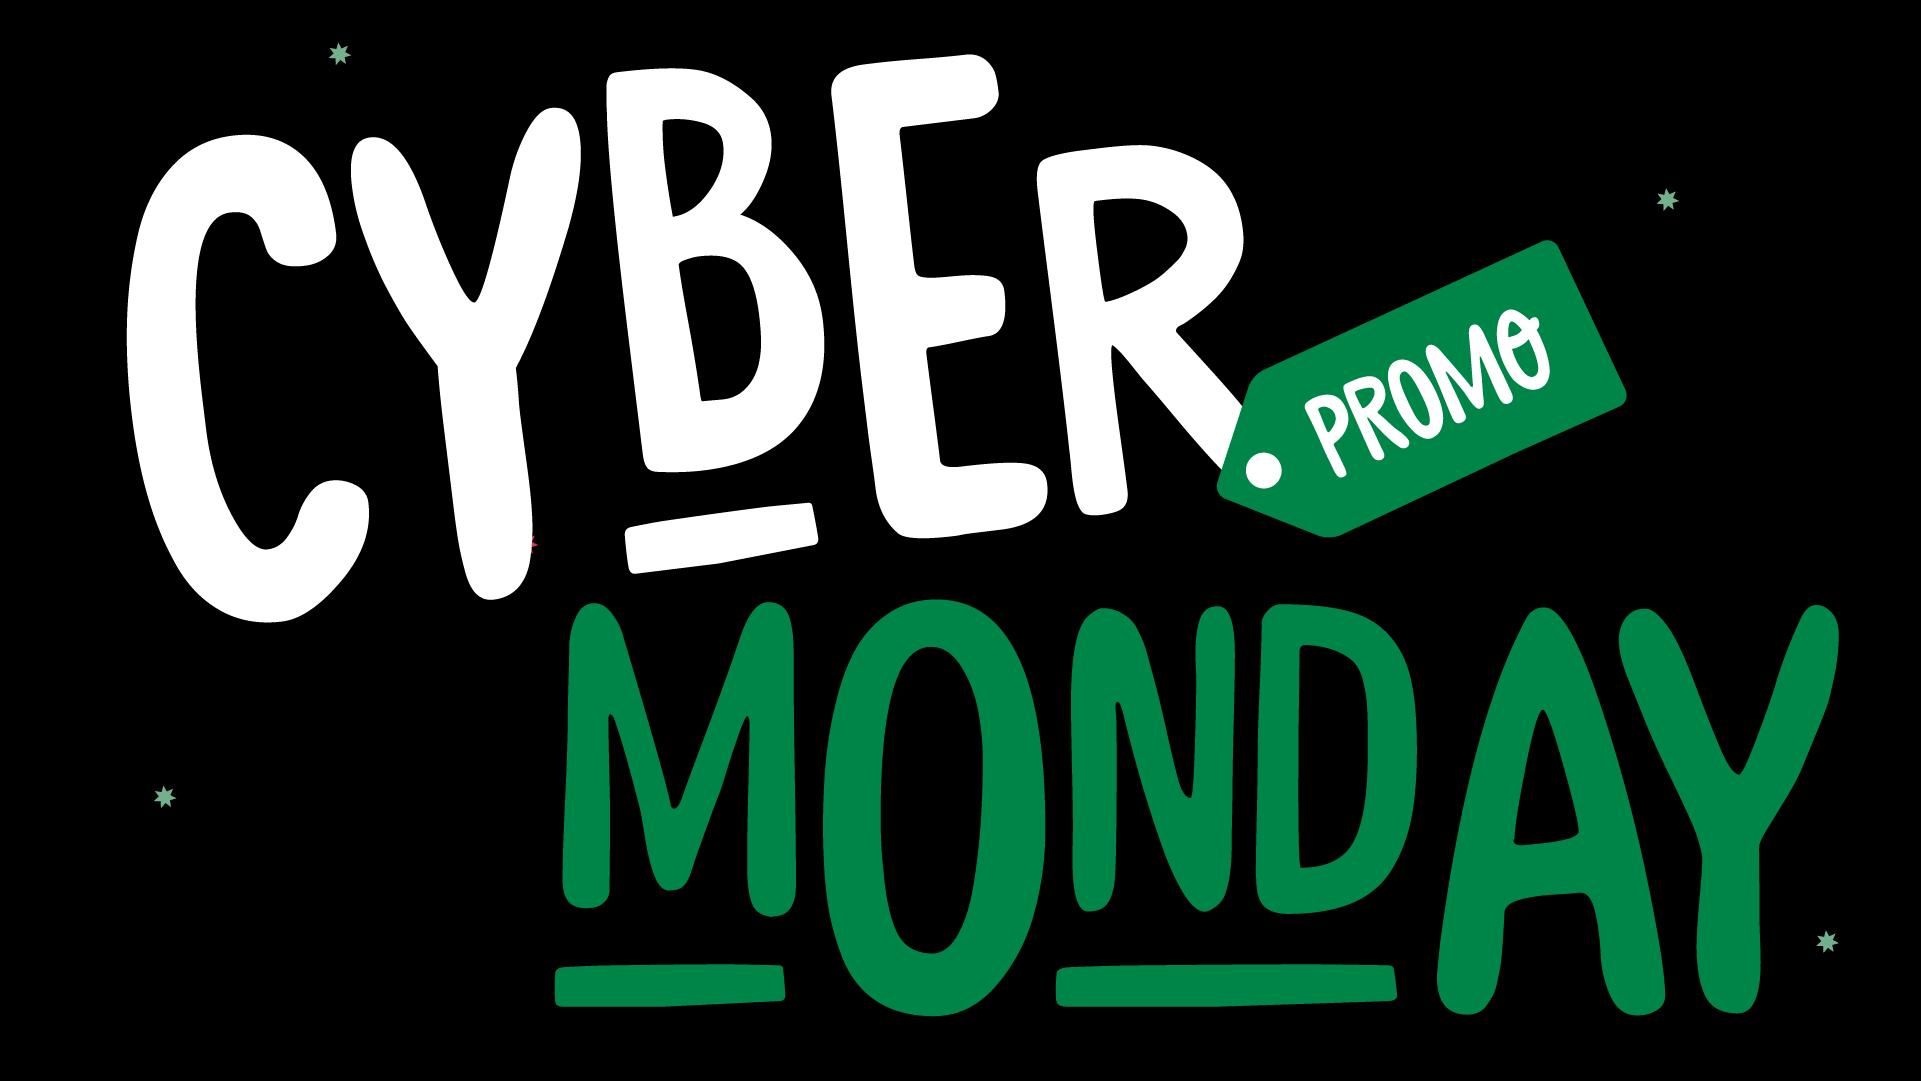 Cyber Monday : tous les bons plans pour cette journée de promotions